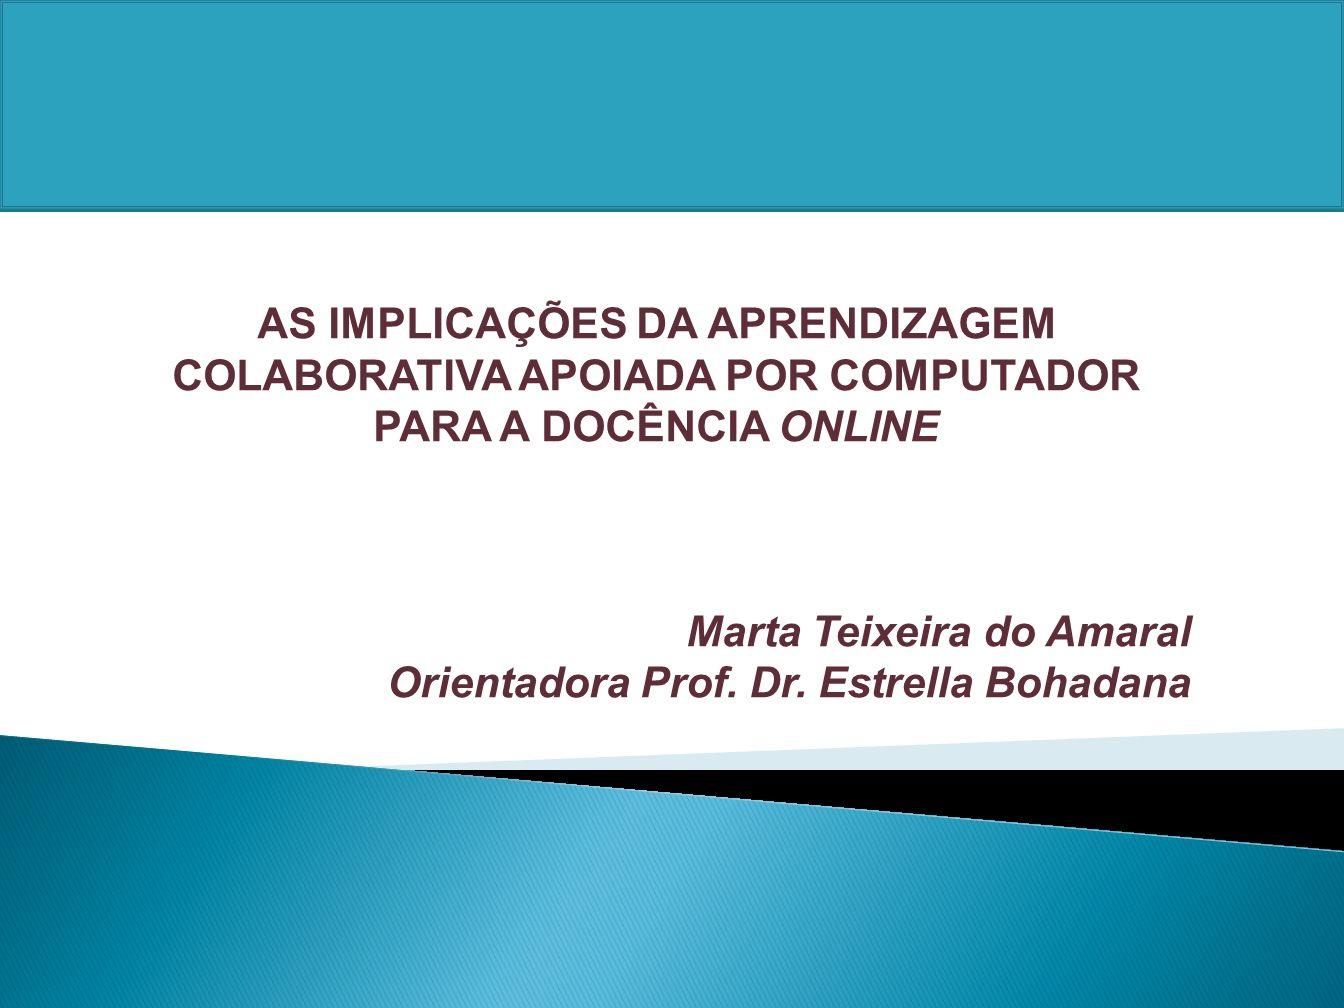 AS IMPLICAÇÕES DA APRENDIZAGEM COLABORATIVA APOIADA POR COMPUTADOR PARA A DOCÊNCIA ONLINE Marta Teixeira do Amaral Orientadora Prof. Dr. Estrella Boha